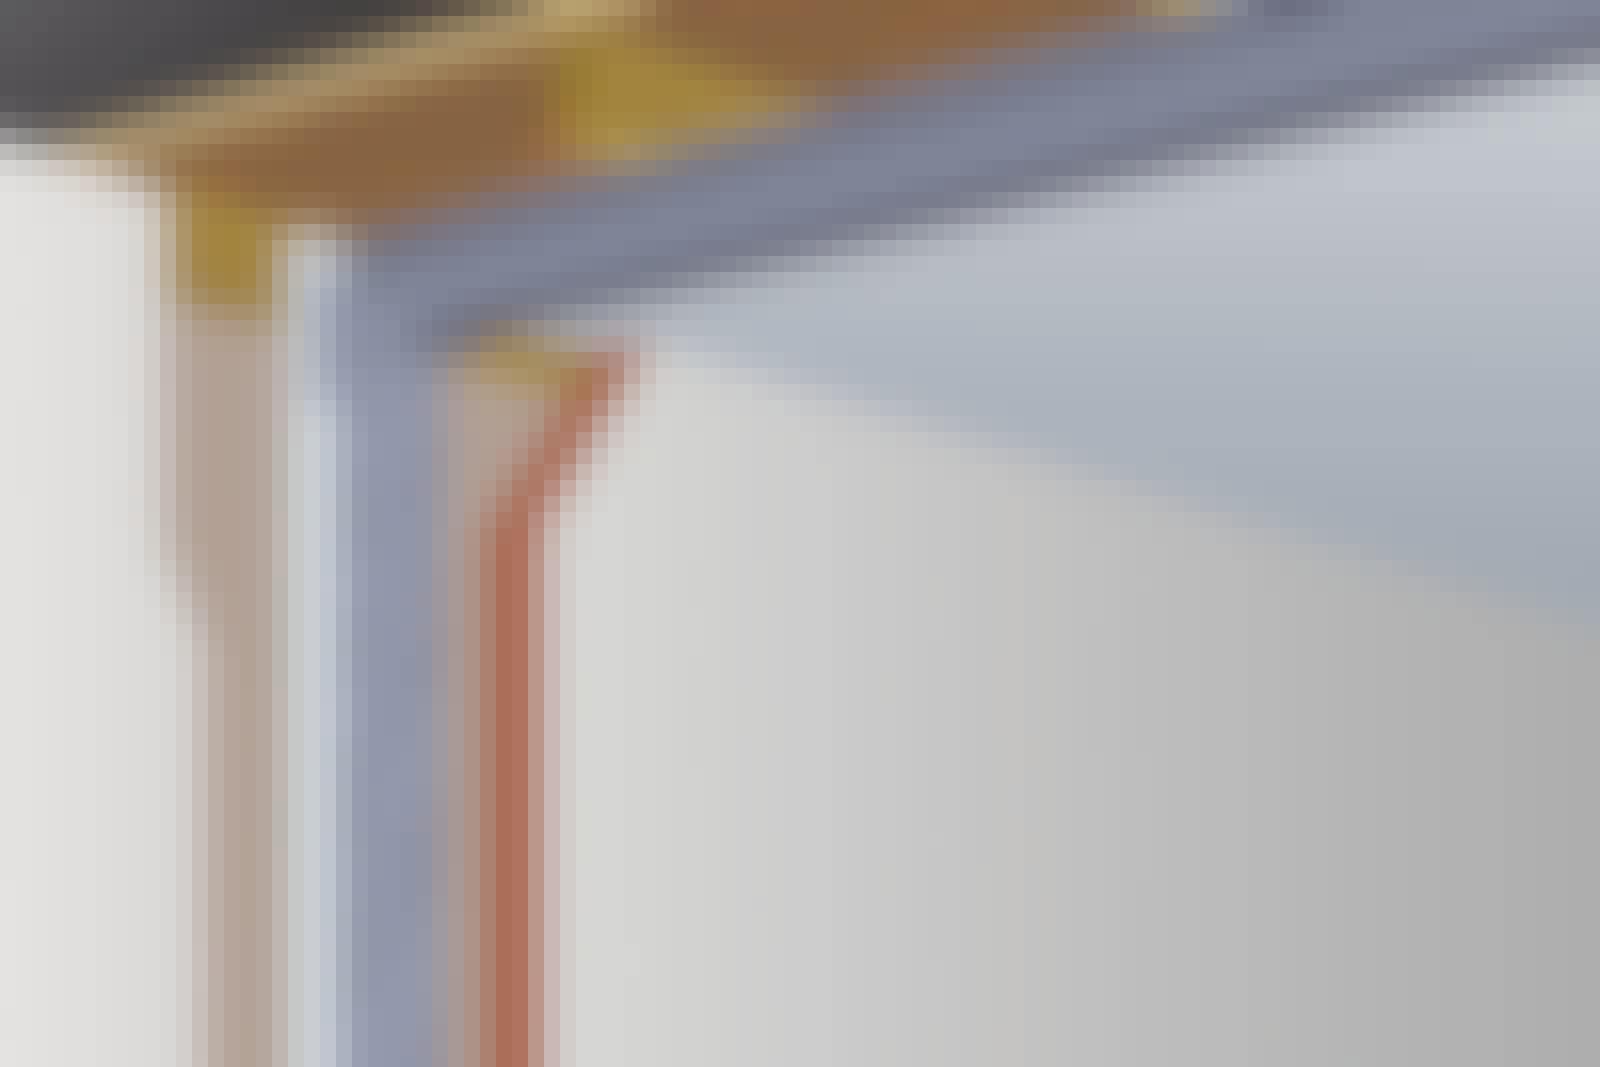 Stålbjelke: Slik brukes stålbjelker